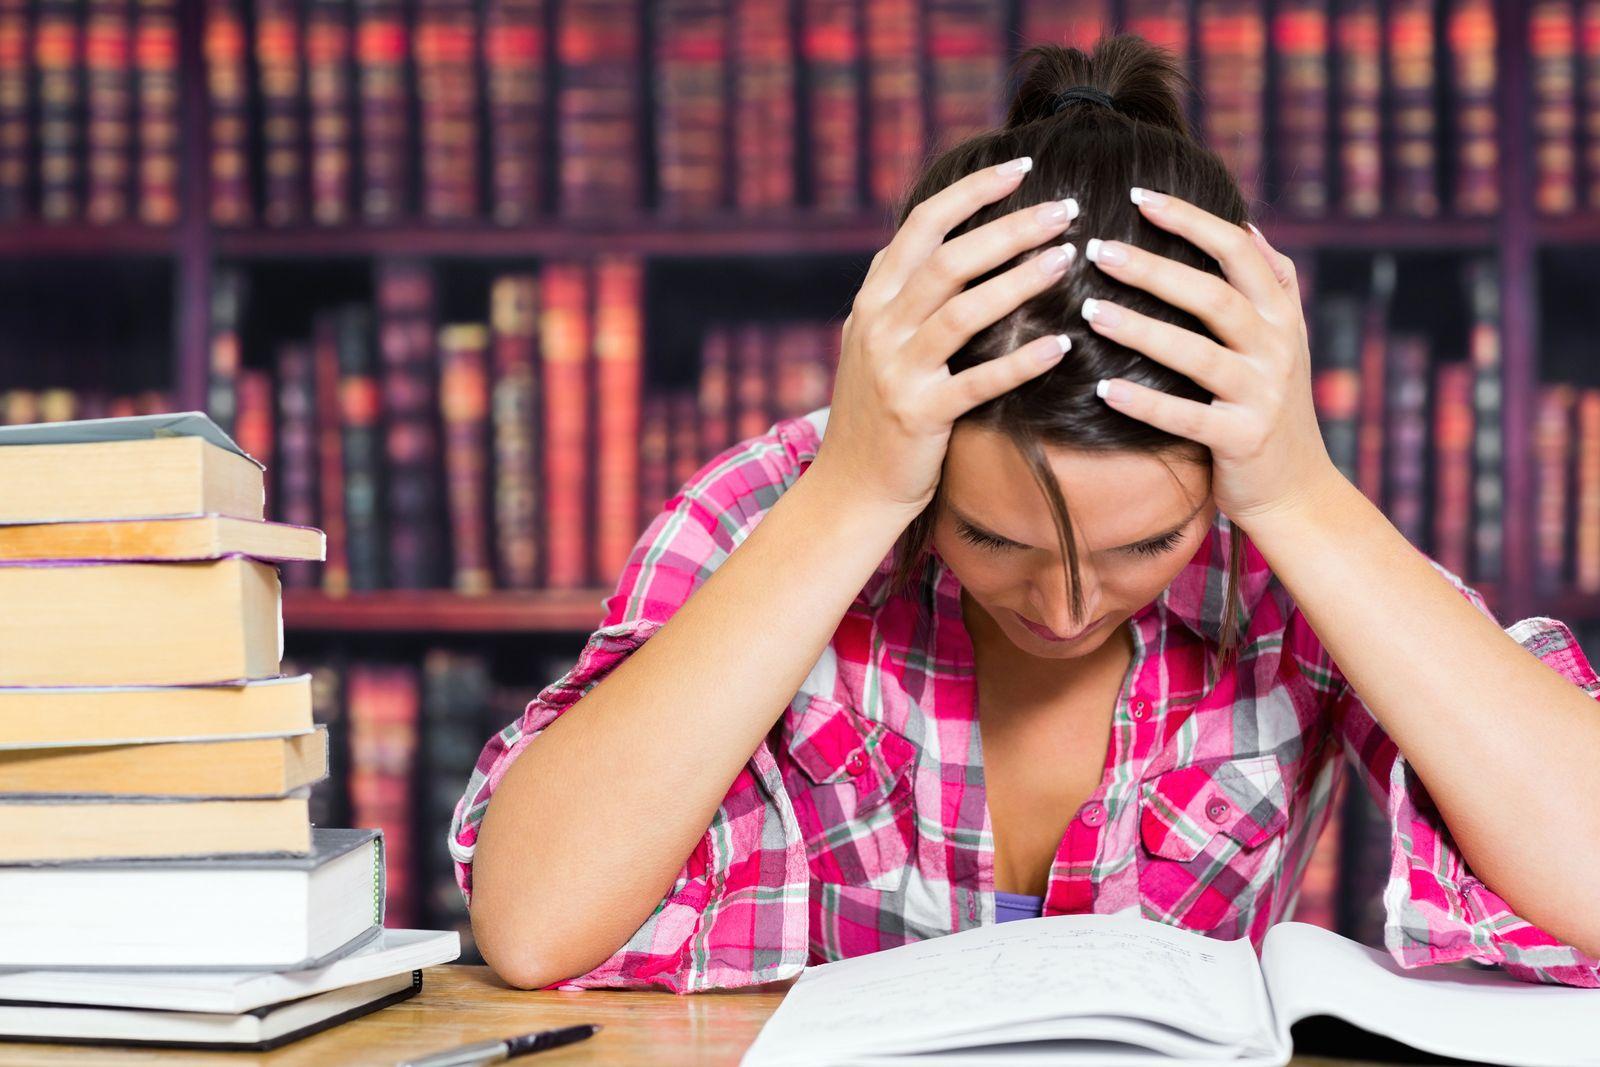 NICHT MEHR VERWENDEN! - Studenten / Stress / Prüfung / Lernen